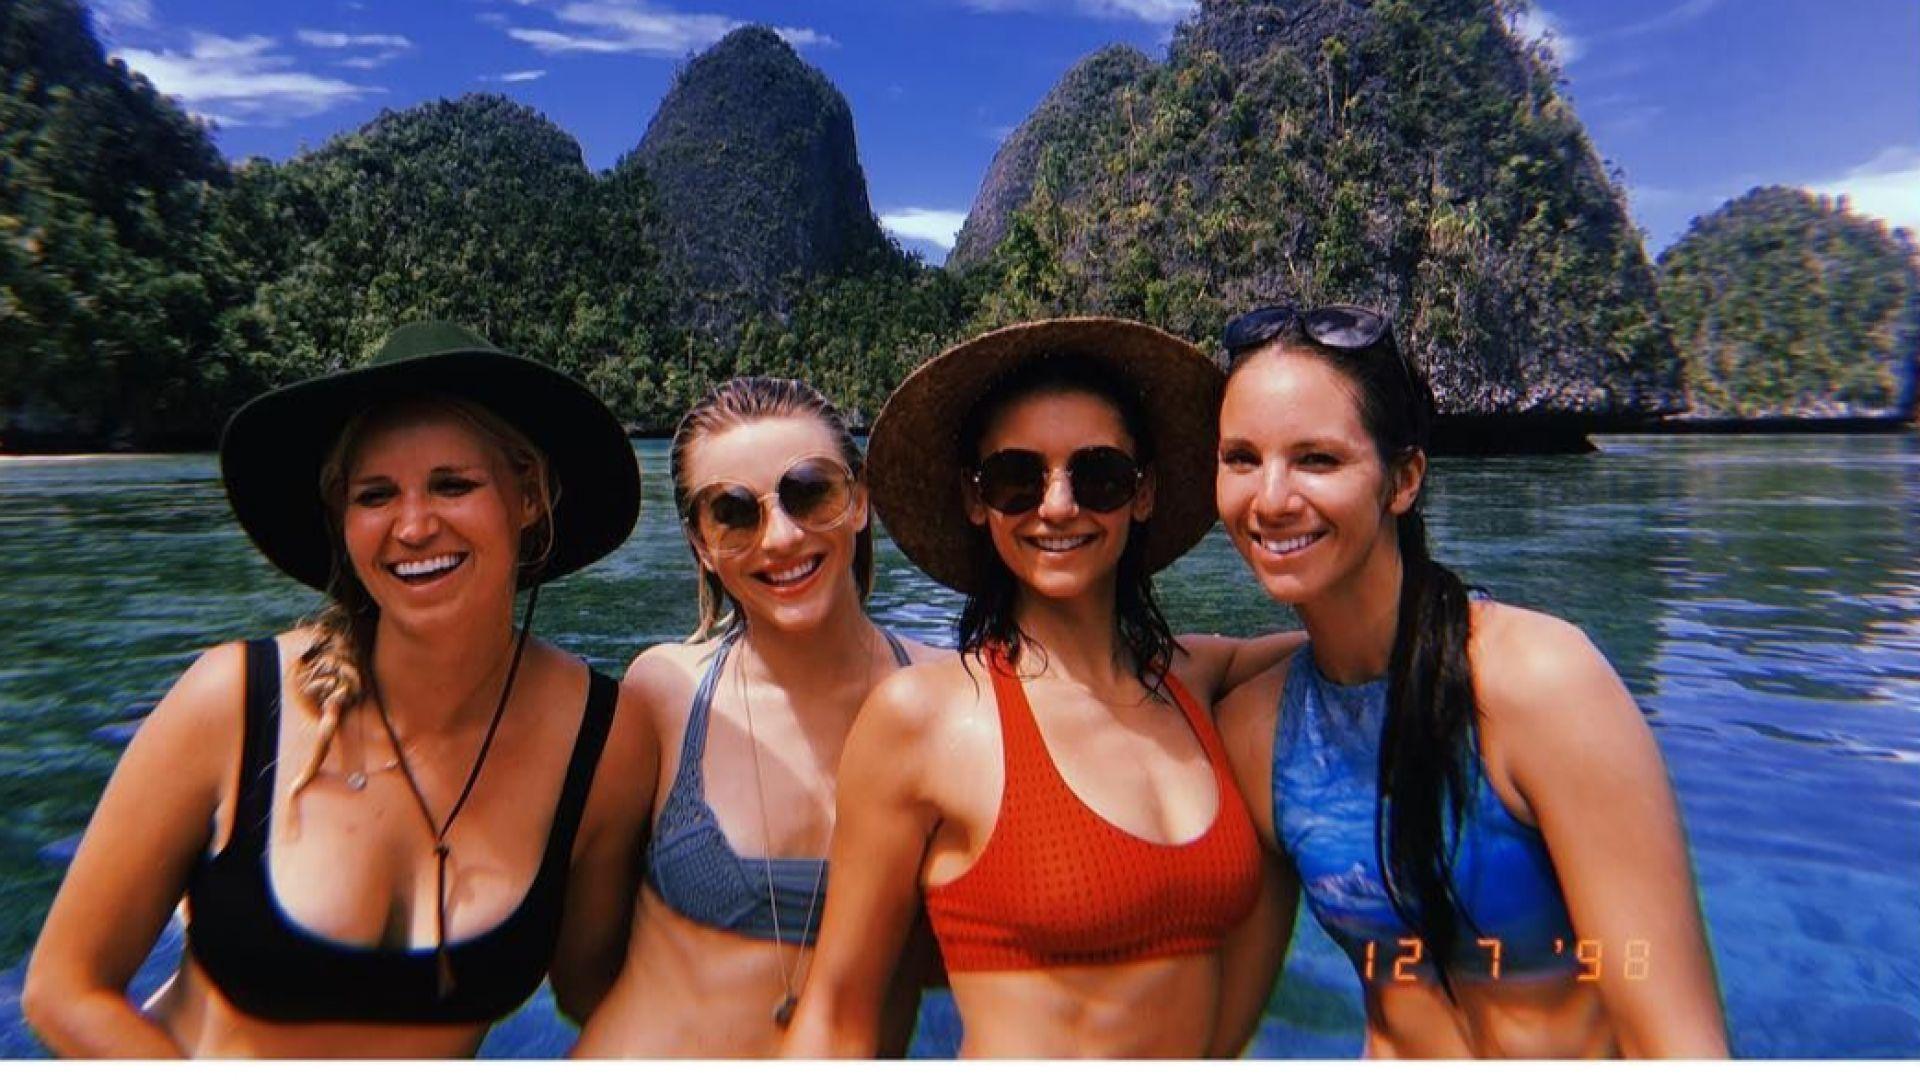 Нина Добрев на почивка в Индонезия (снимки)